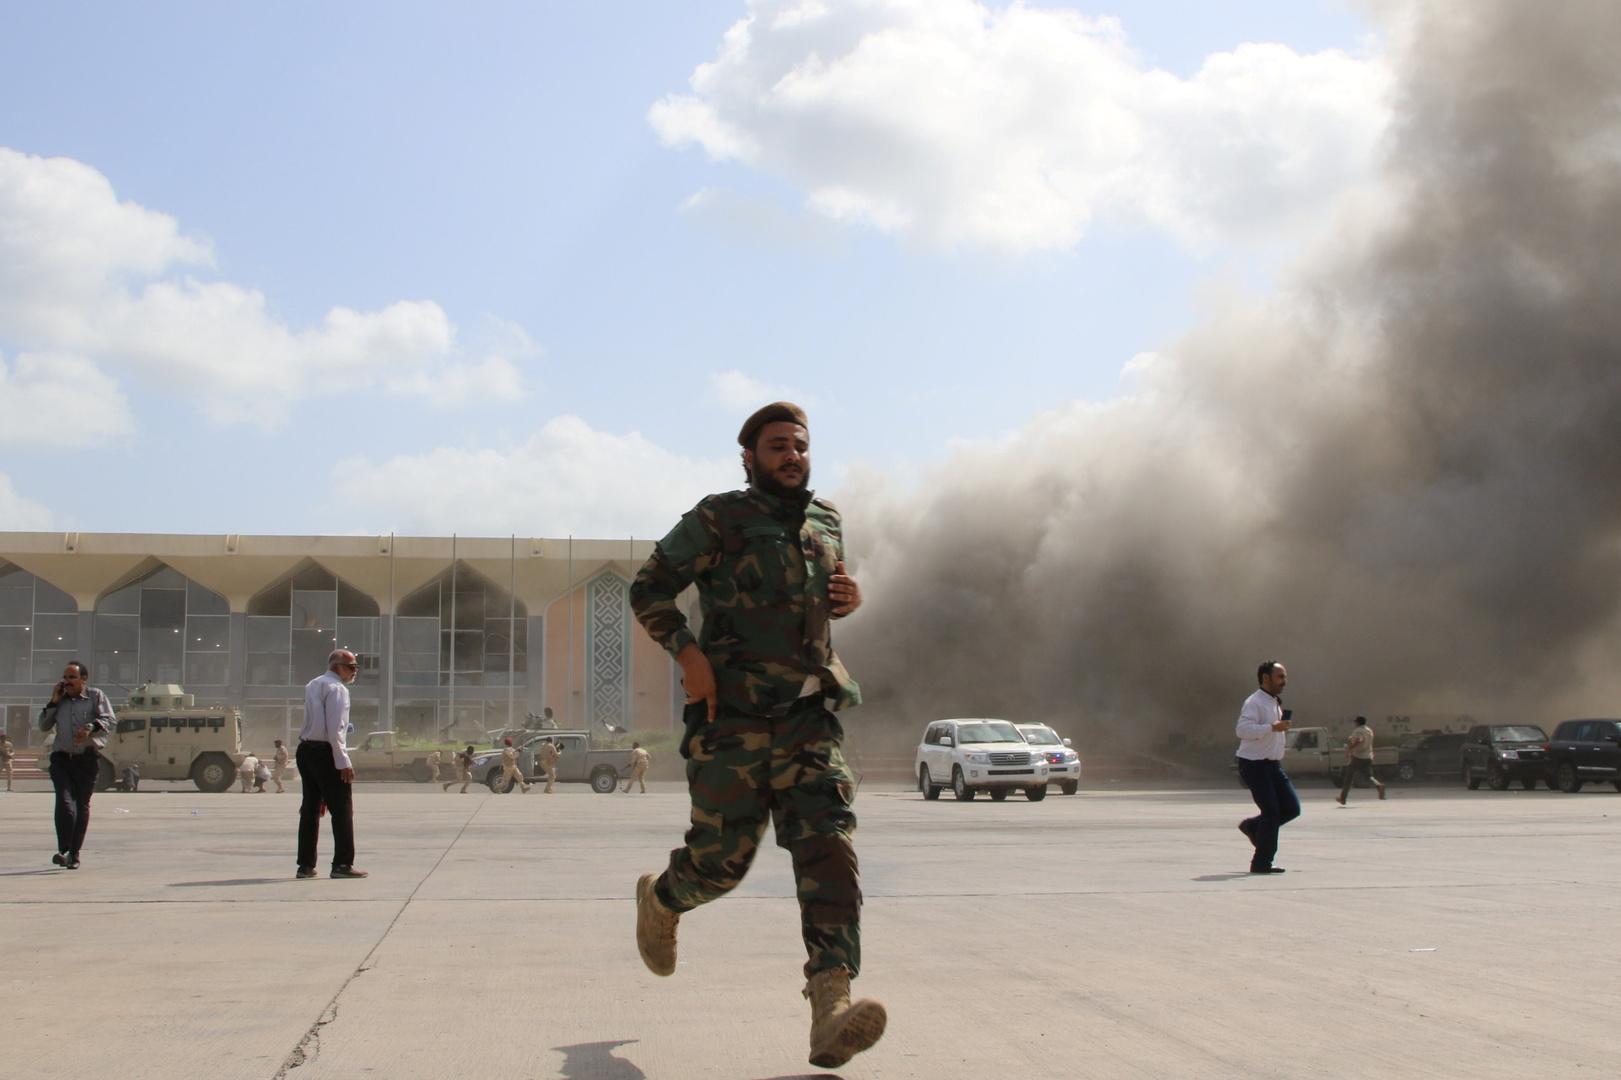 بعد أيام على قصف مطار عدن.. غريفيث يزور اليمن والسعودية